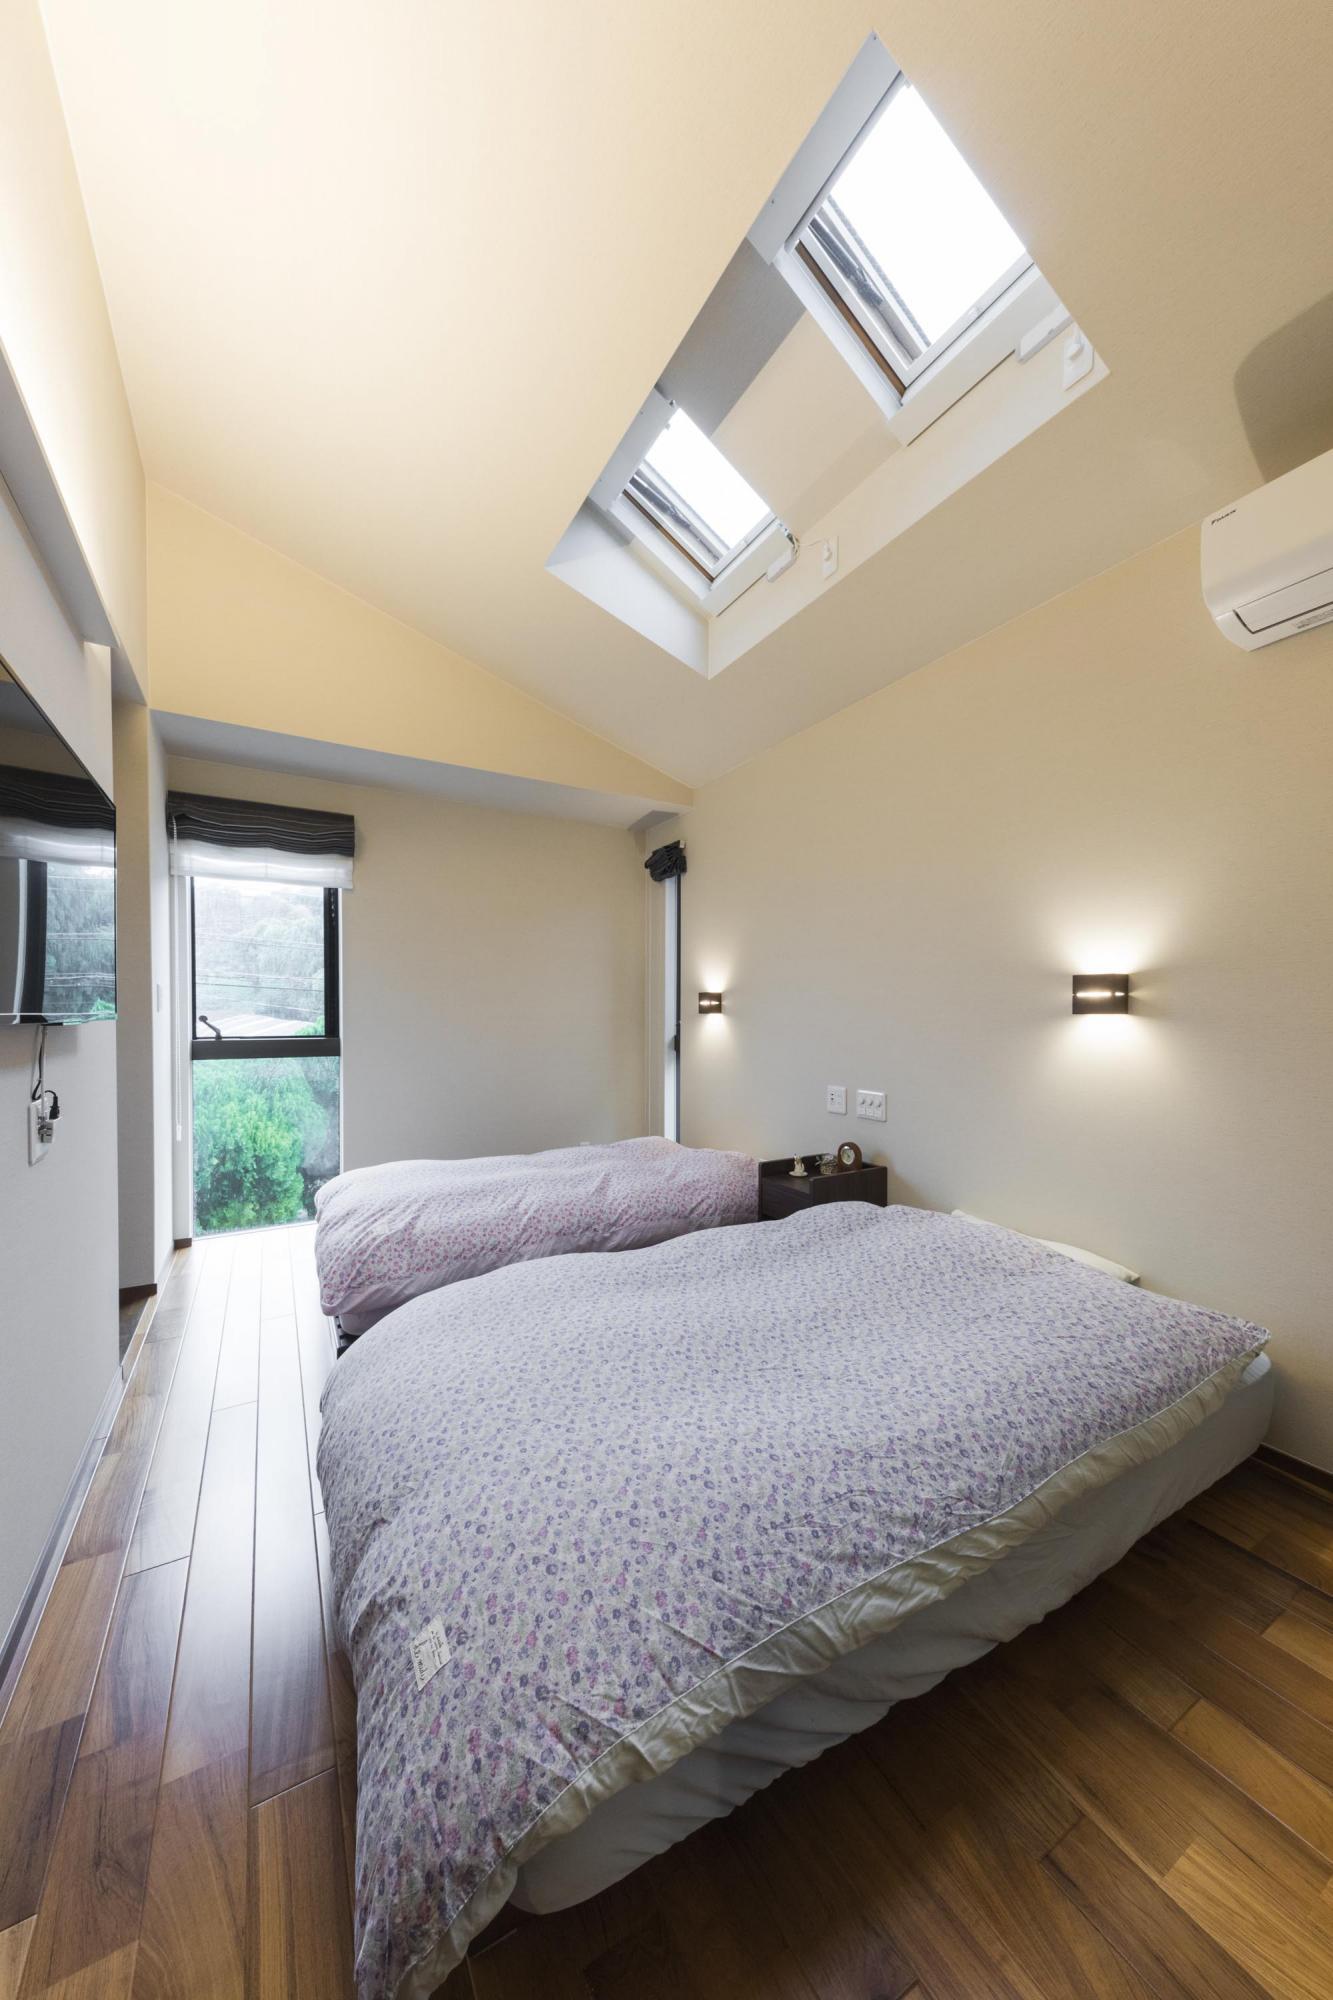 2階寝室。既存の寝室スペースを、寝室とウォークインクロゼットに変更。ウォークインクロゼットは、寝室と切り離すことで各自異なる時間軸で生活していることに配慮し、快適に過ごせるように設計